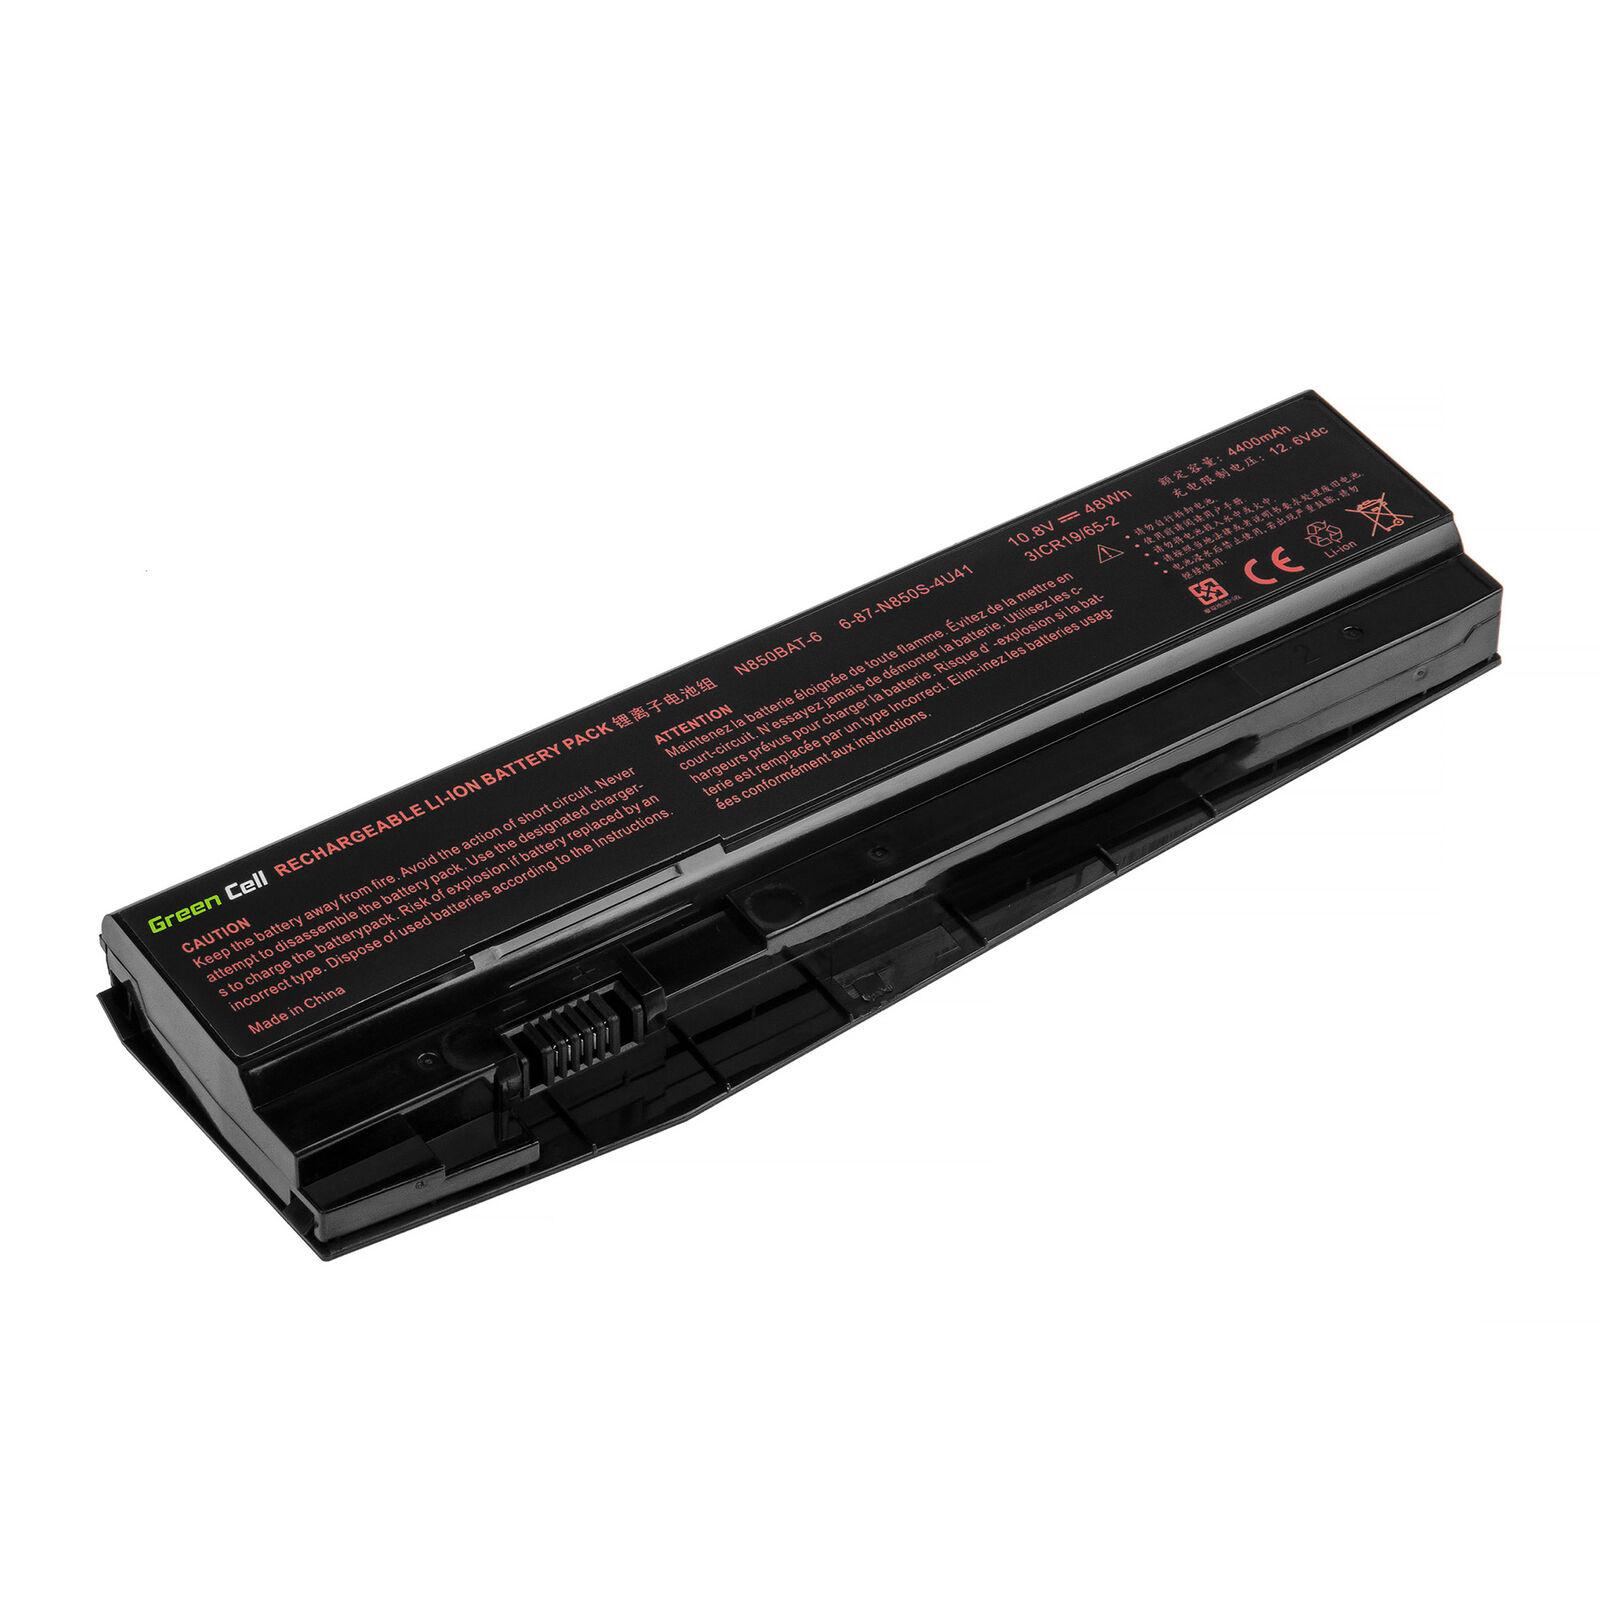 Akku für N850BAT-6 6-87-N850S CLEVO Work 15 N870EK1 N870(Ersatz)